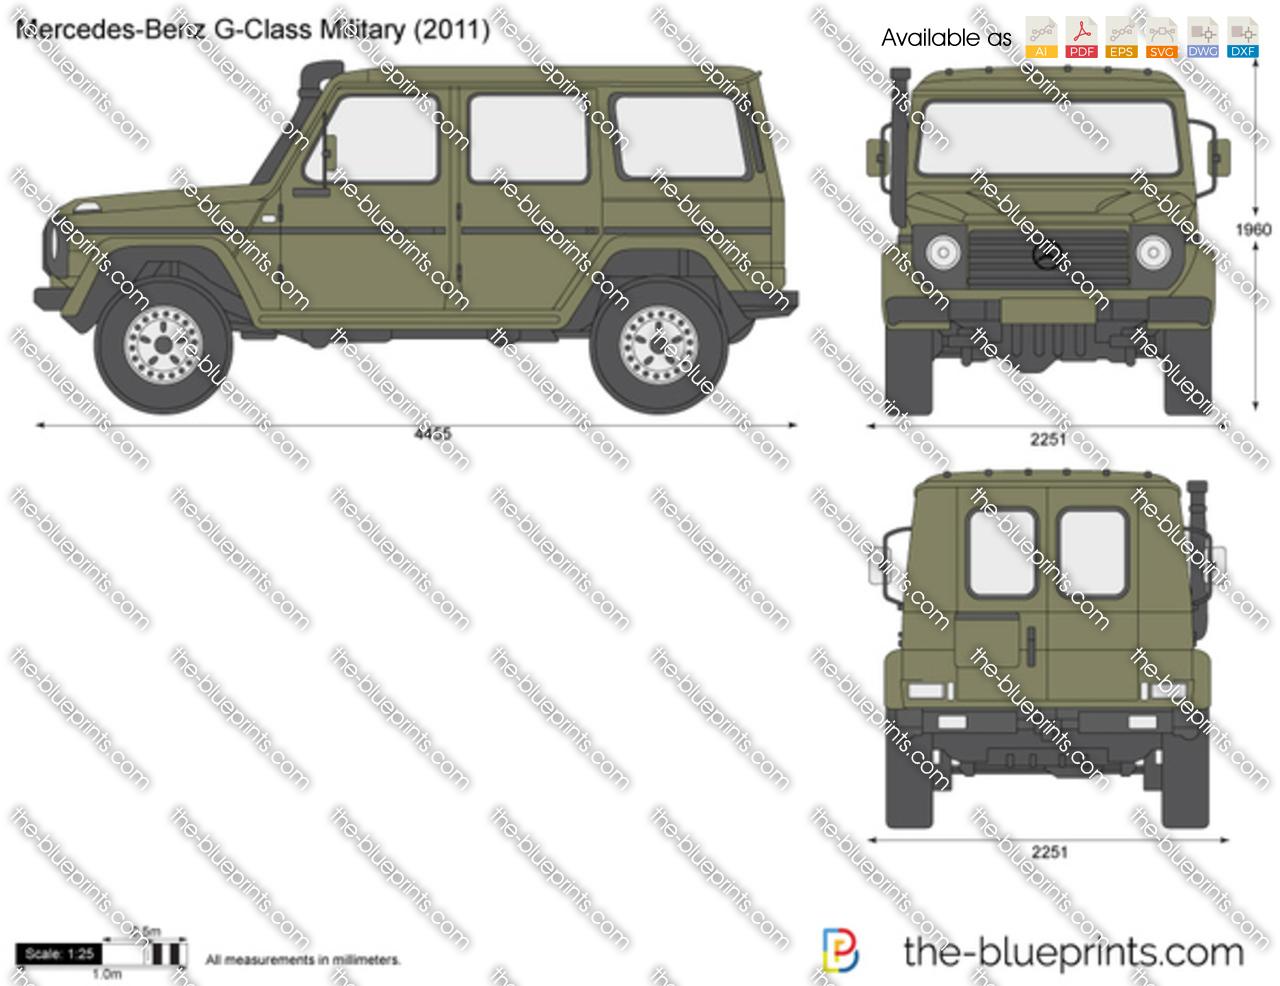 Mercedes-Benz G-Class Military 461 2006